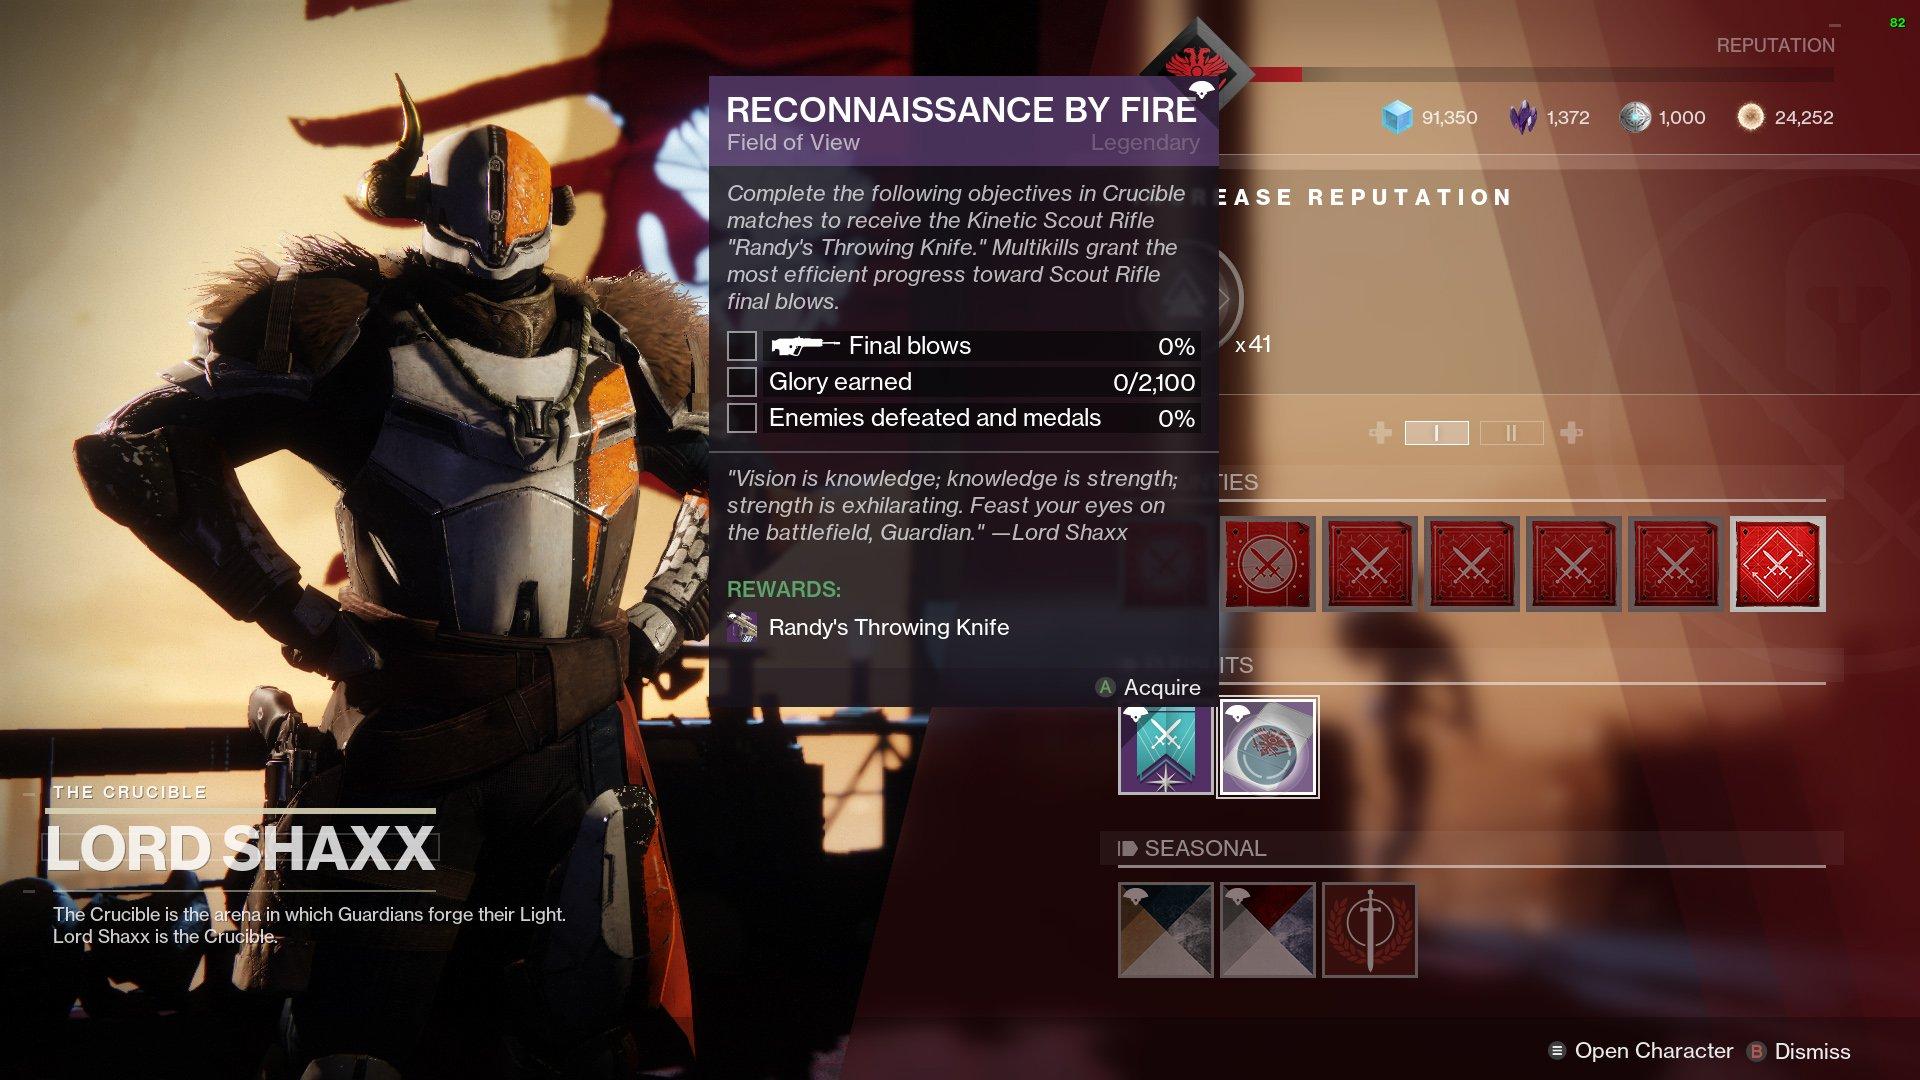 destiny 2 reconnaissance by fire